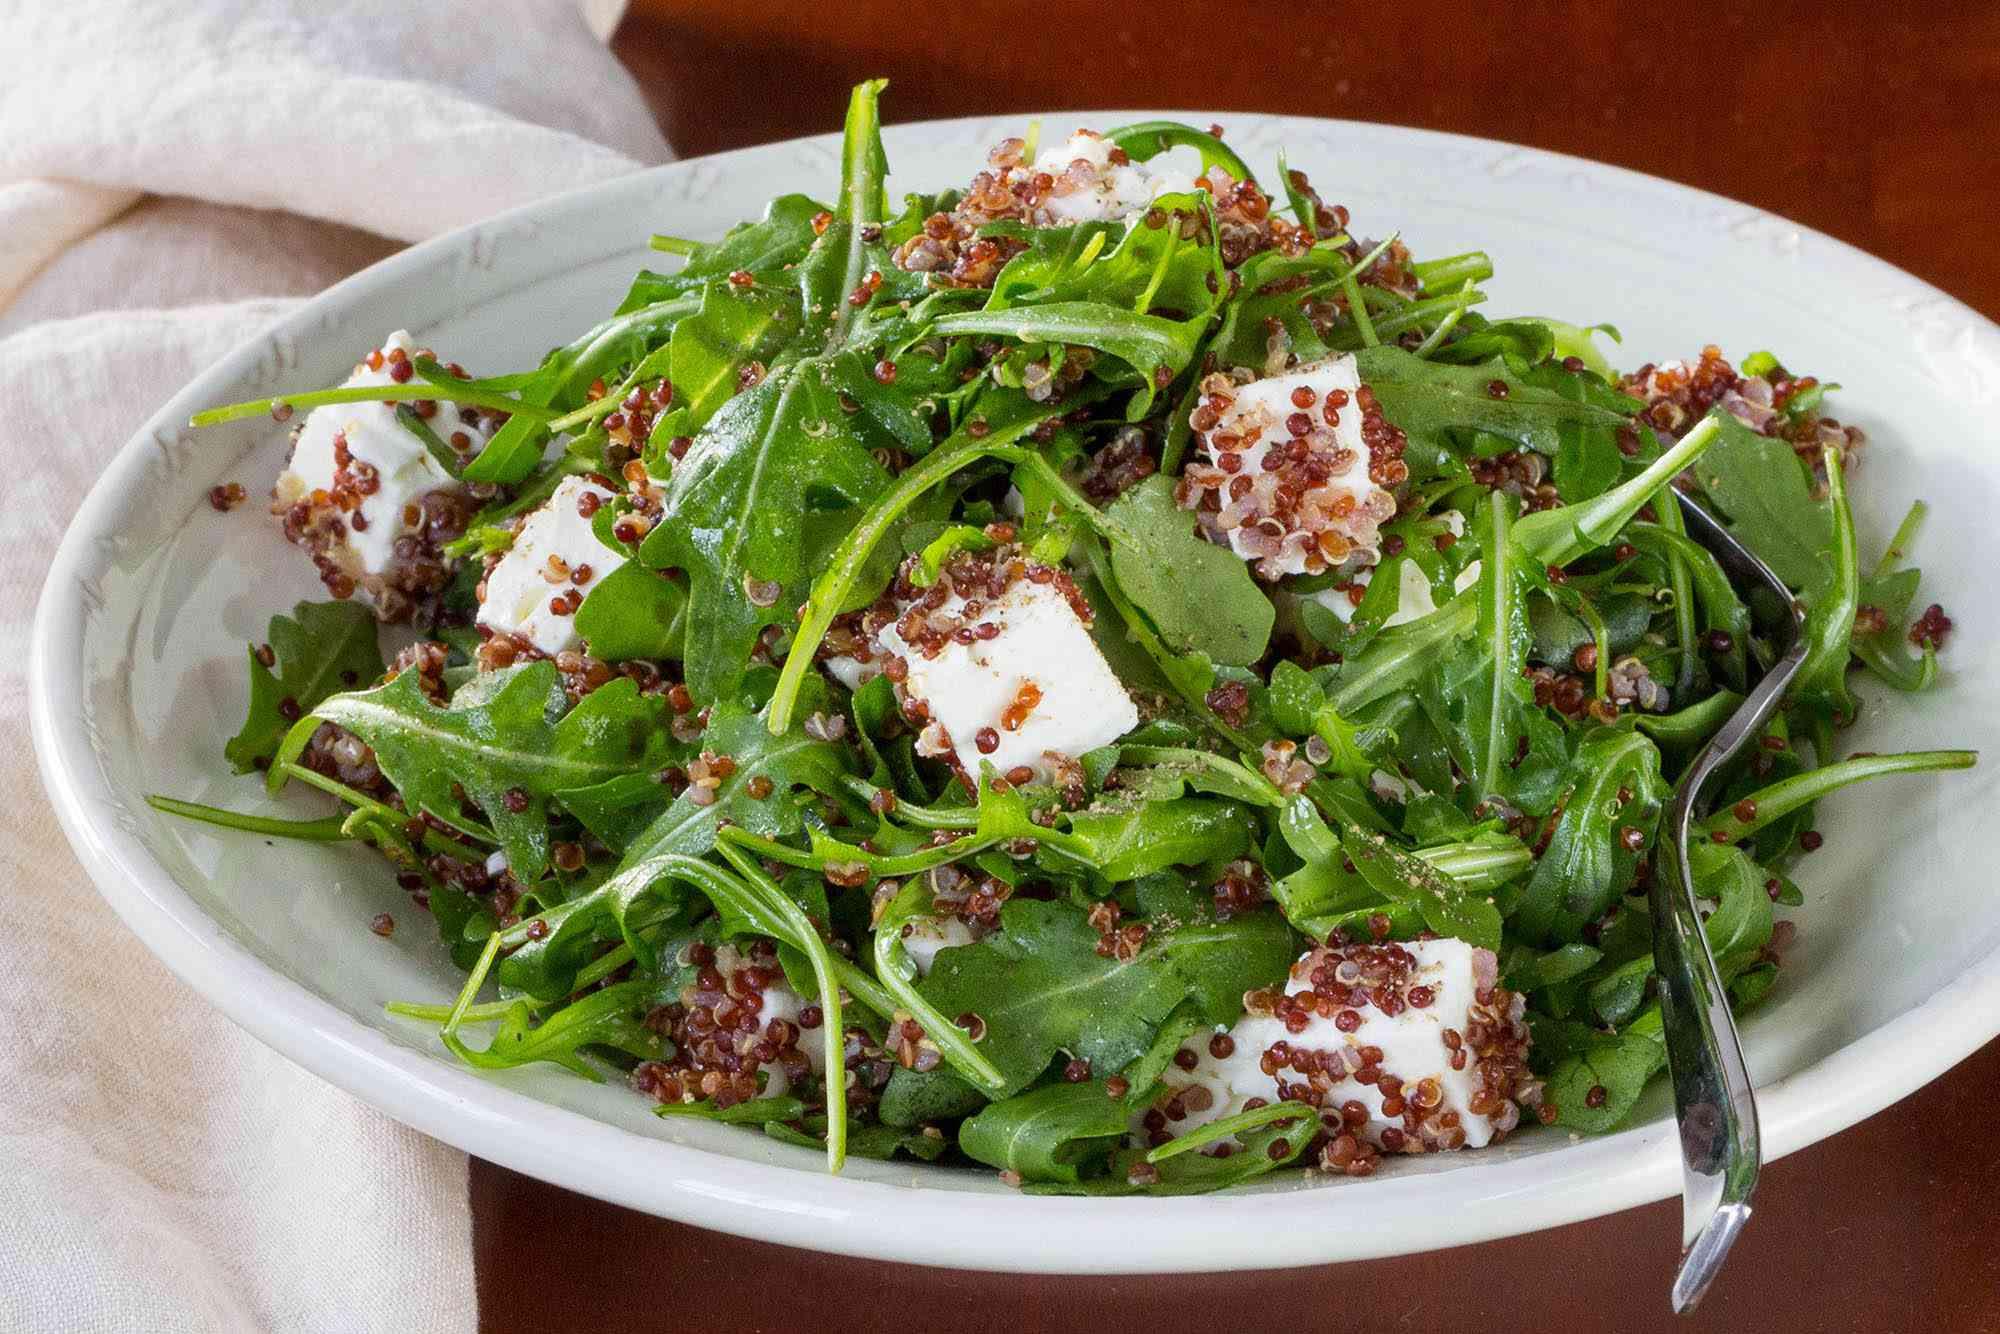 Red Quinoa, Arugula, and Feta Salad